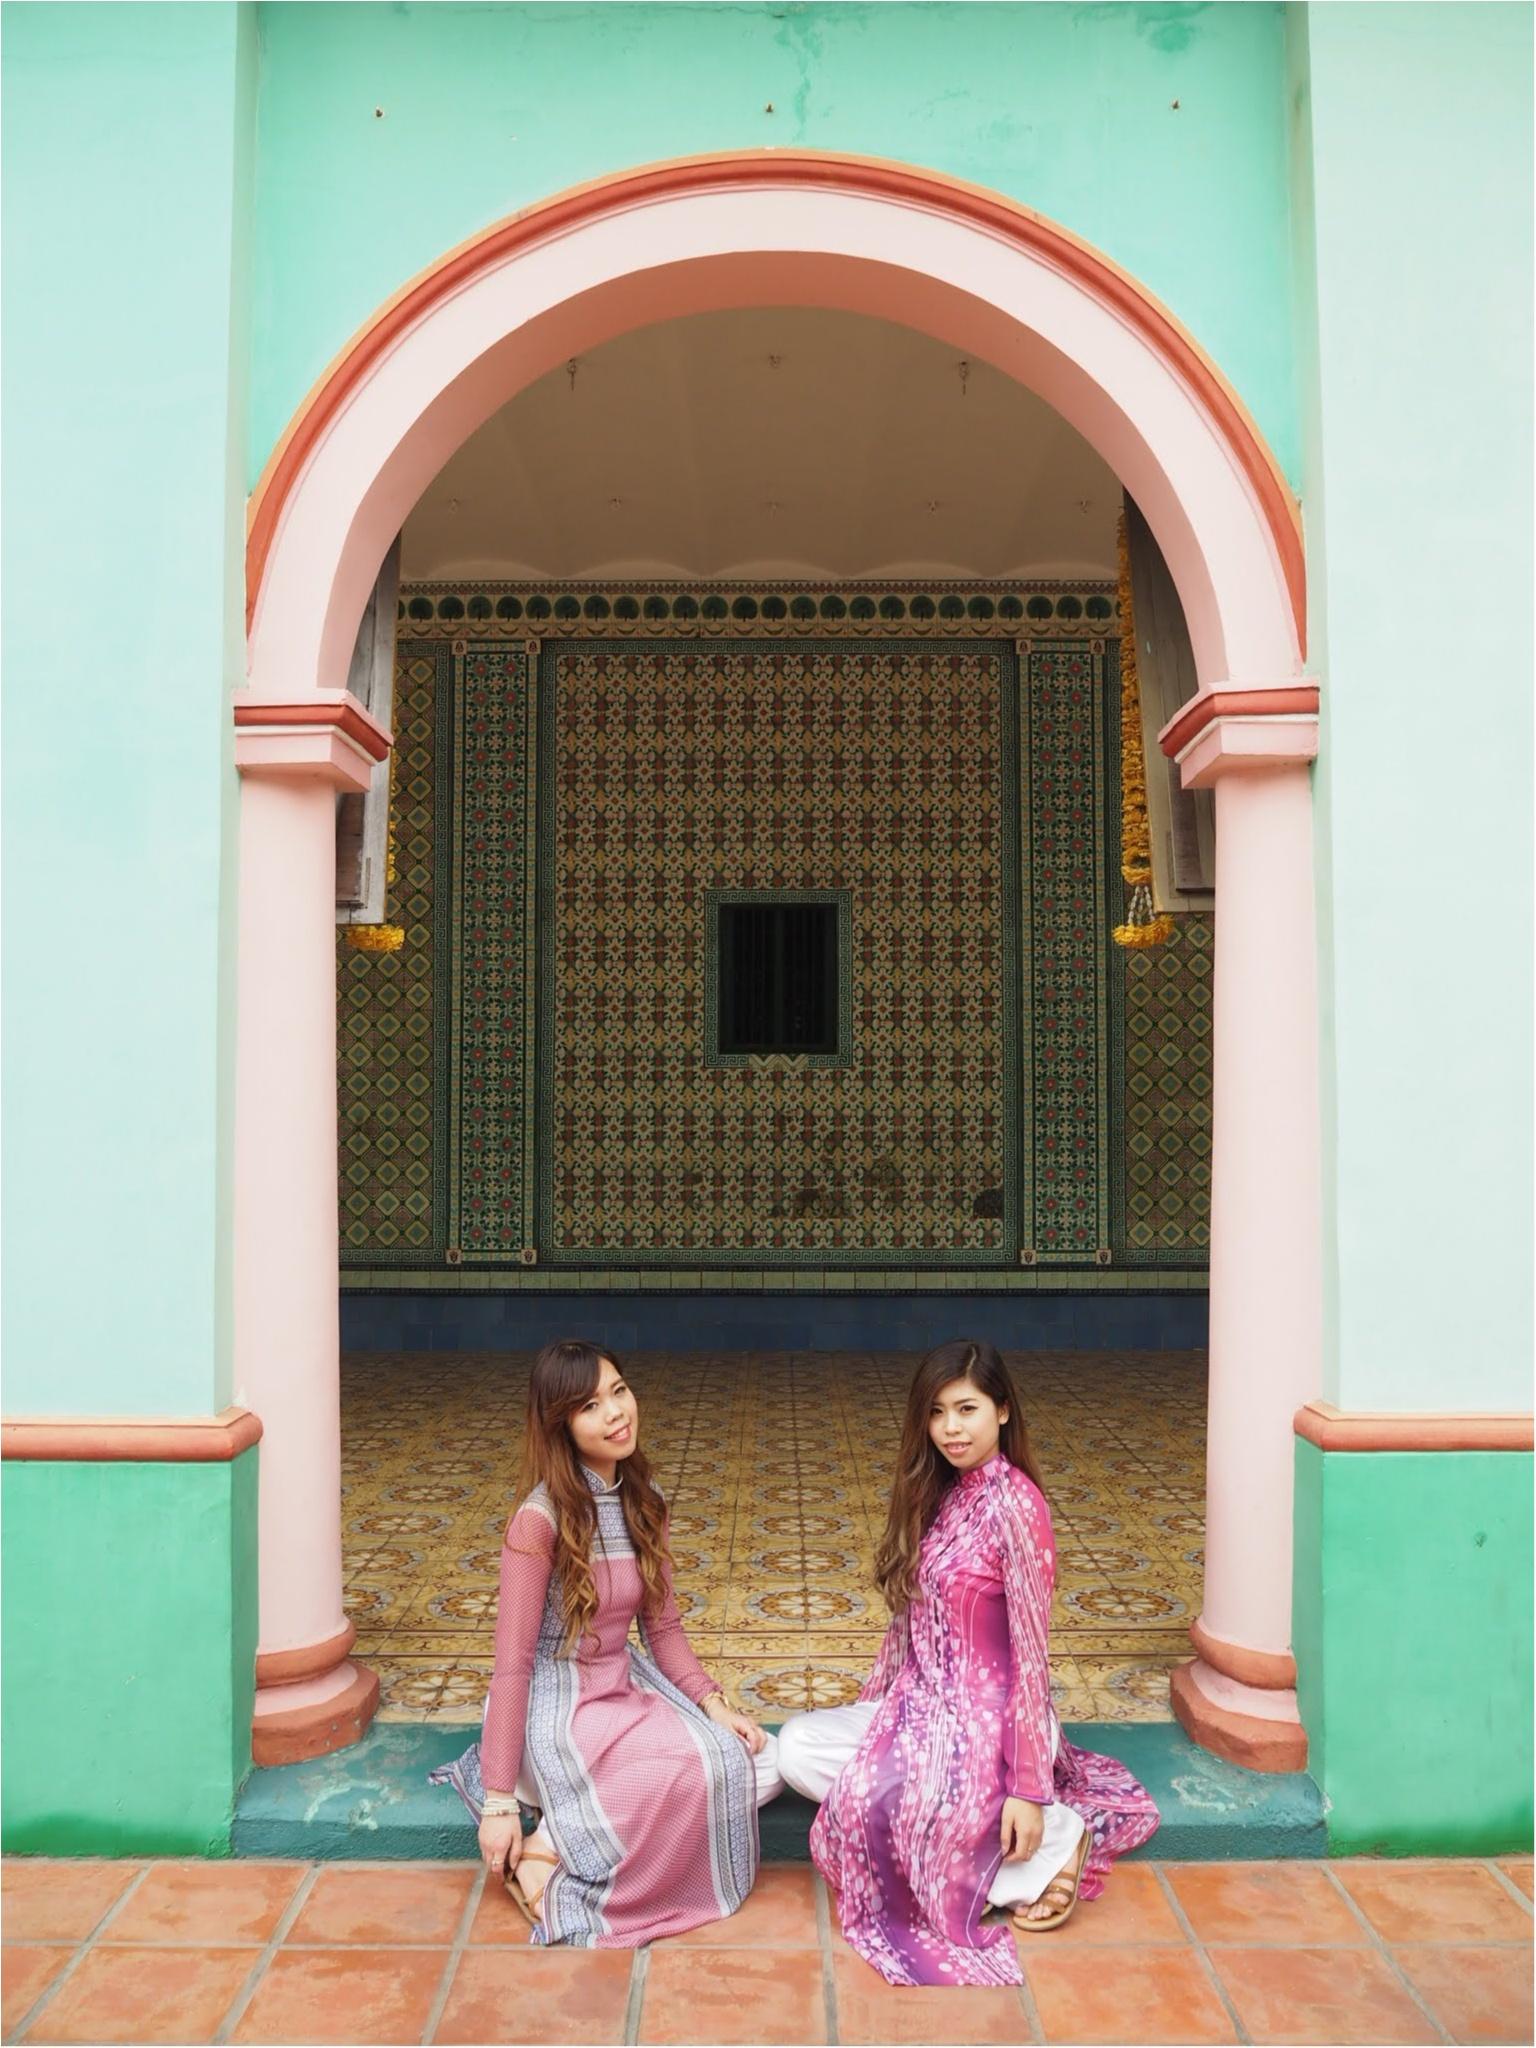 韓国、グアム、バリ、ドバイ・・・・・・フォトジェニックな女子旅は「タビジョツアー」で叶います♡_7